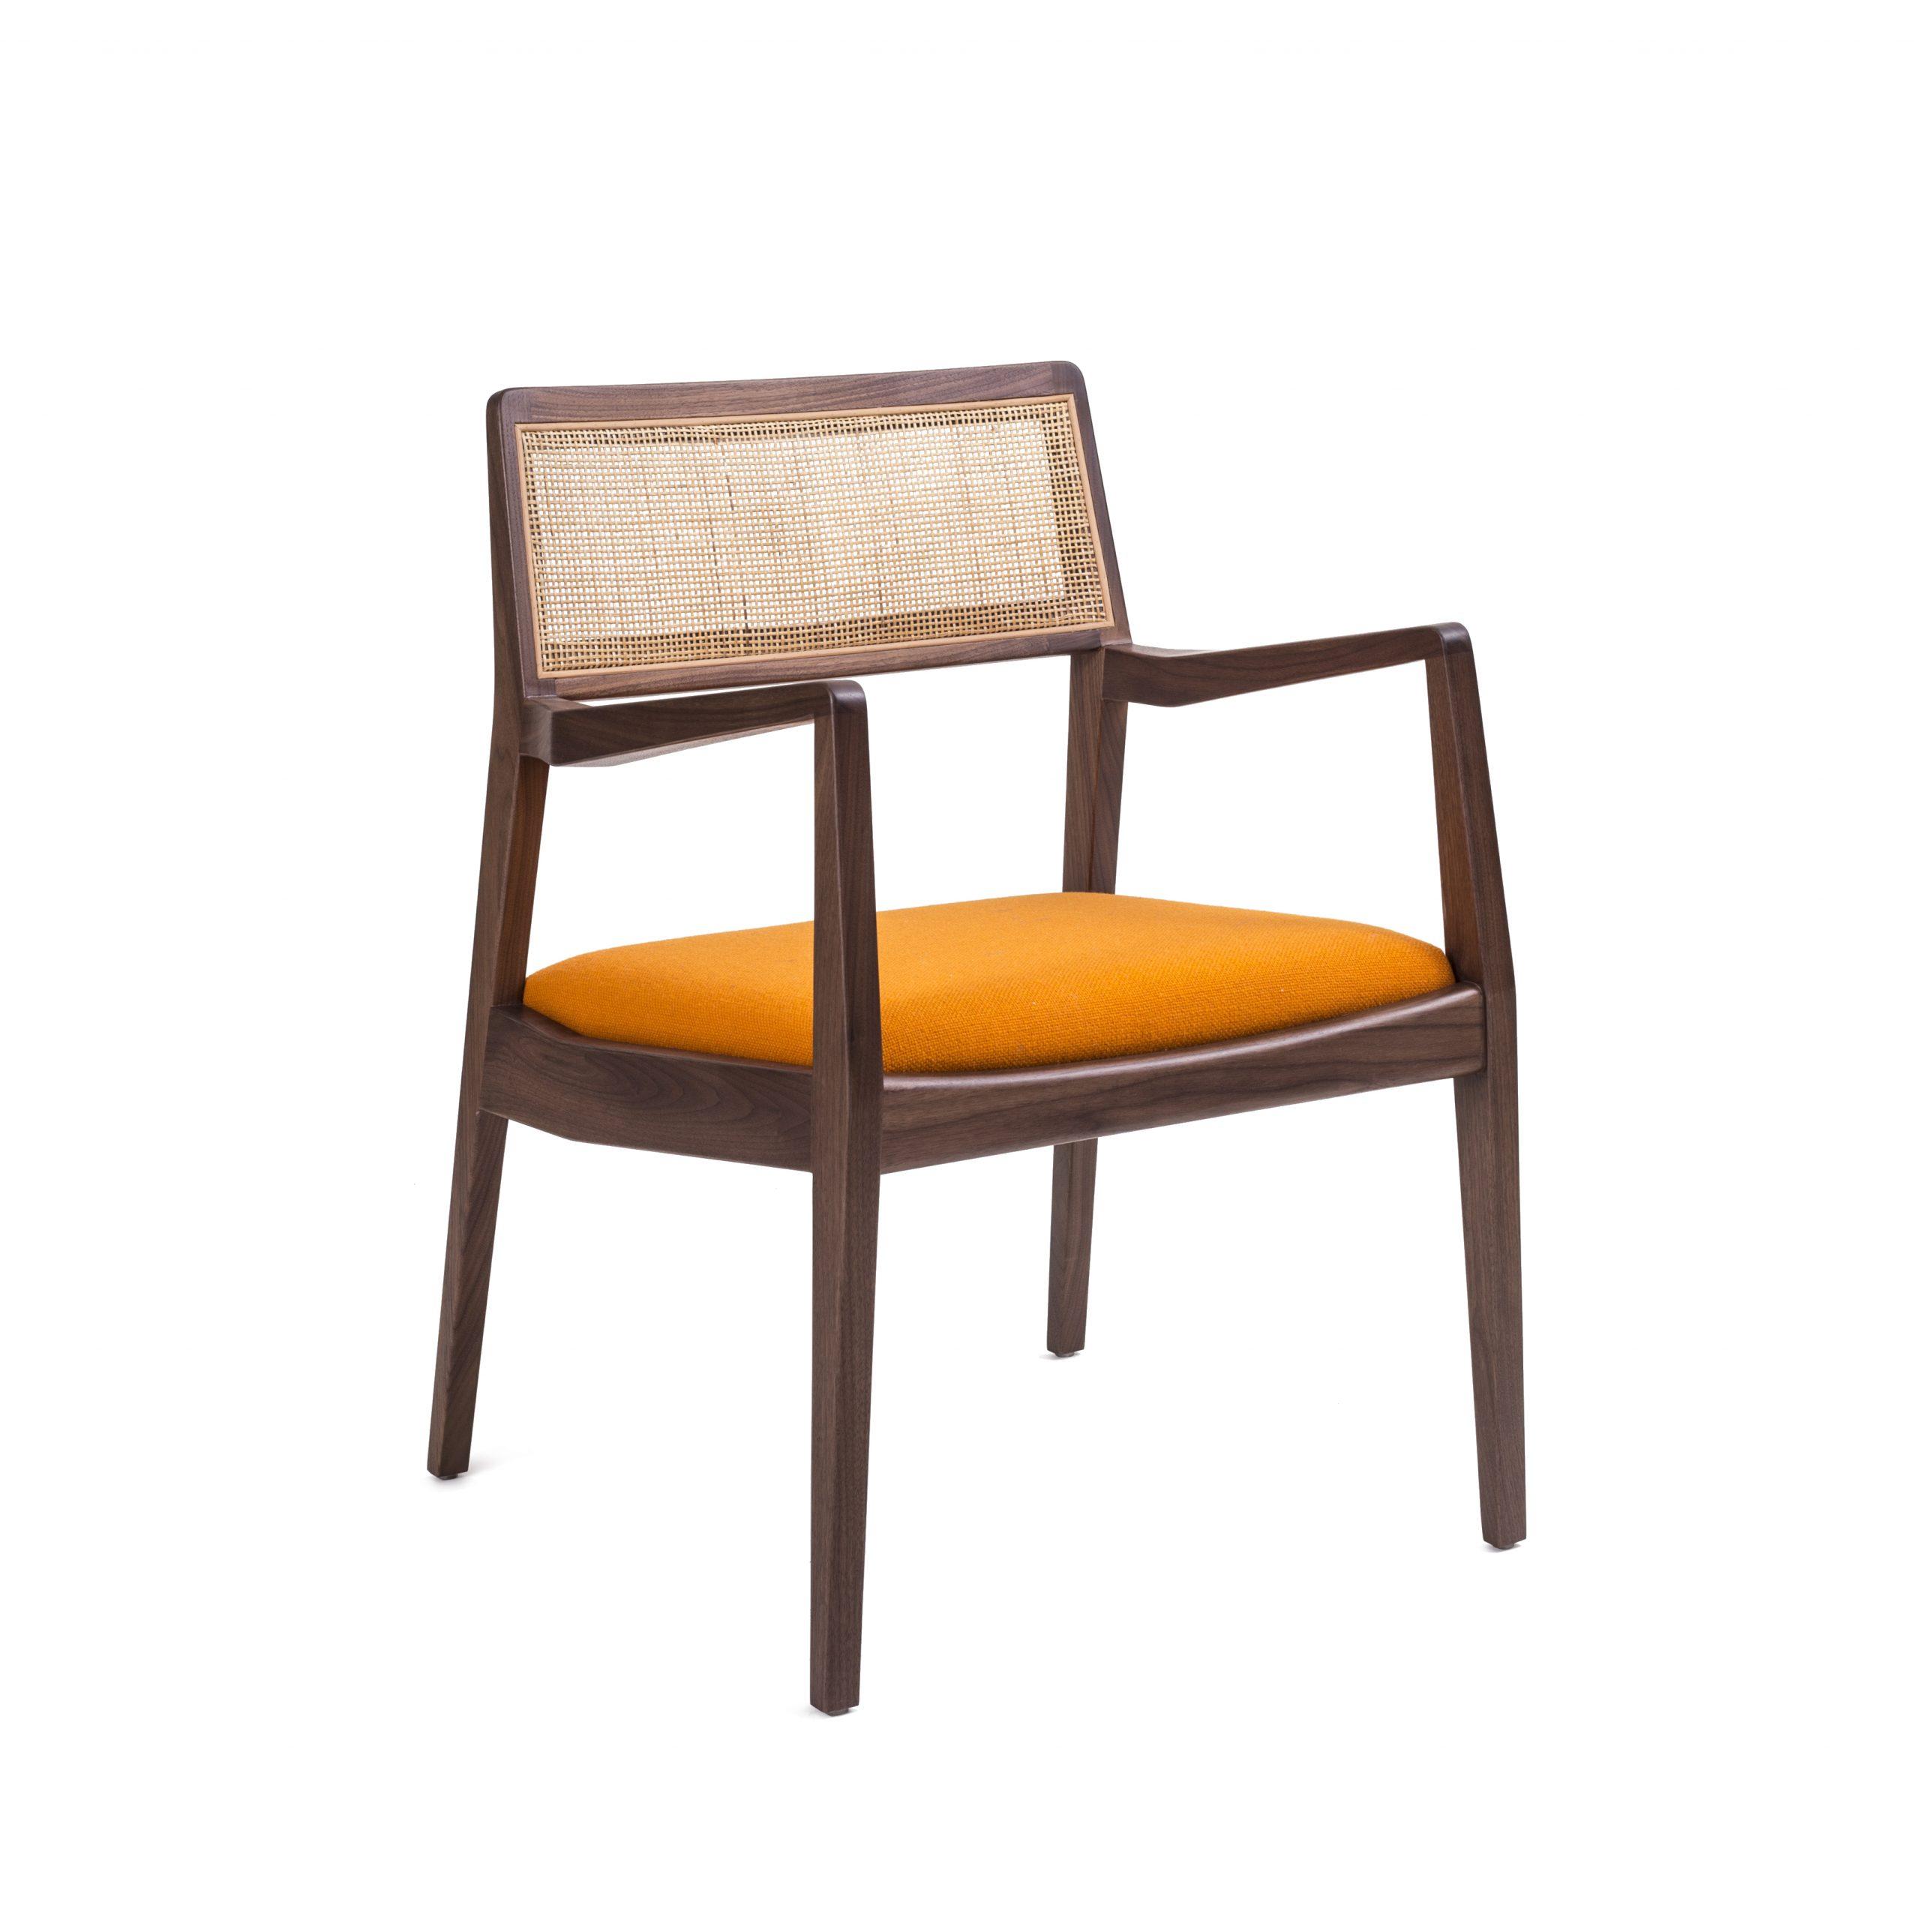 坐具|餐椅|创意家具|现代家居|时尚家具|设计师家具|定制家具|实木家具|risom 椅子